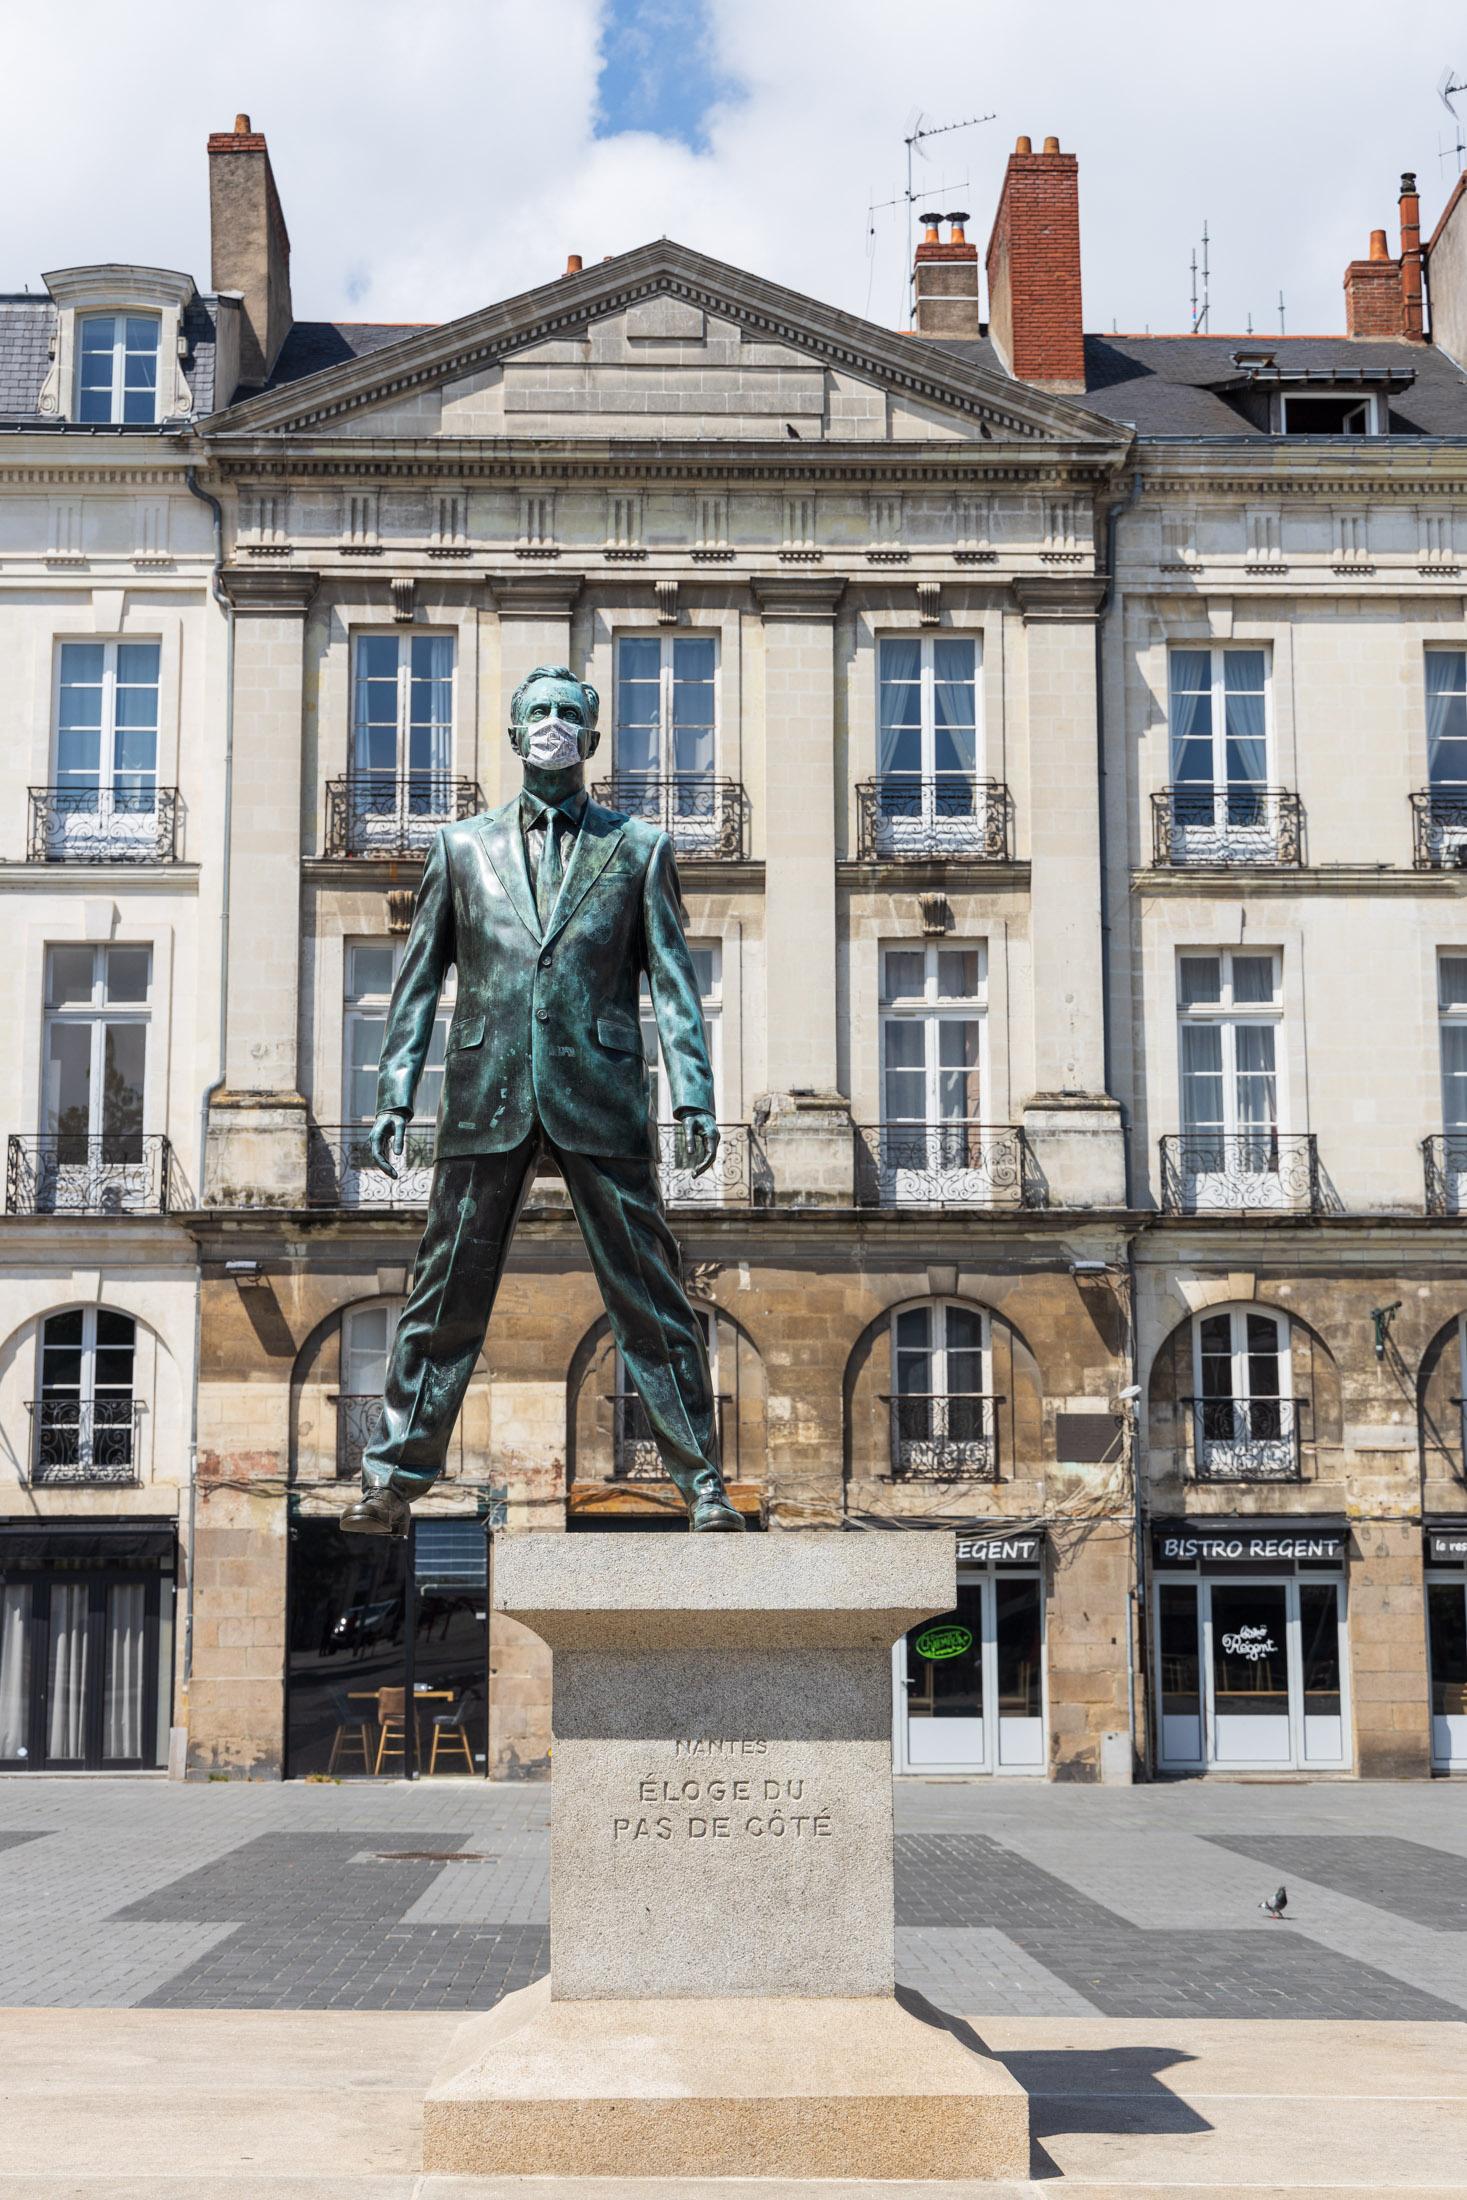 """Statue of Philippe Ramette """"Eloge du pas de cote"""" is wearing a mask. Nantes, France - May 6th 2020.La statue de Philippe Ramette """"Eloge du pas de cote"""" a ete ornee d un masque. Nantes, France - 6 mai 2020."""